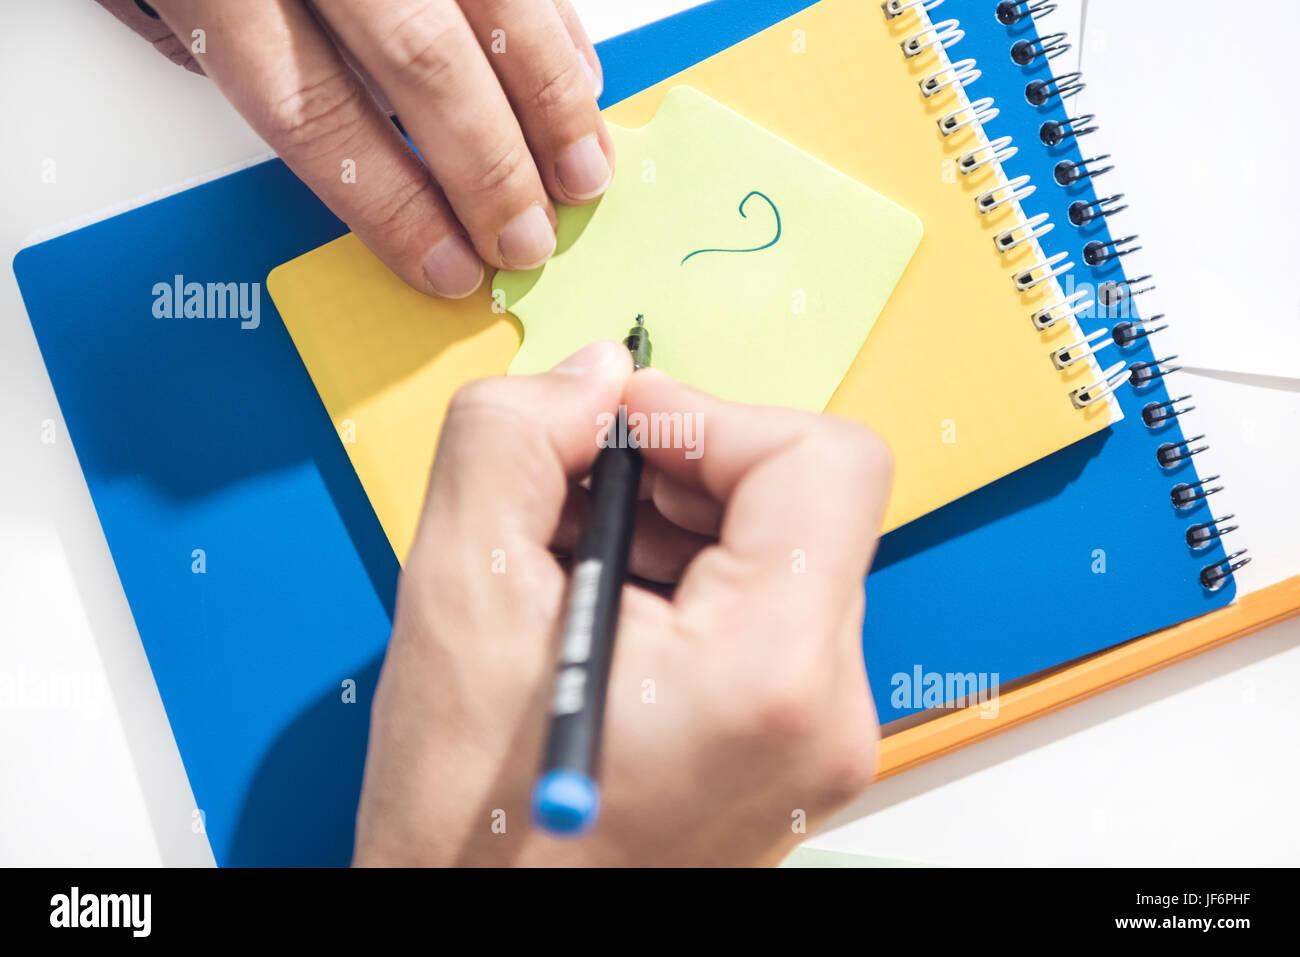 Cerca de manos humanas exclamación de dibujo en una nota con el lápiz, el establecimiento de empresas Imagen De Stock